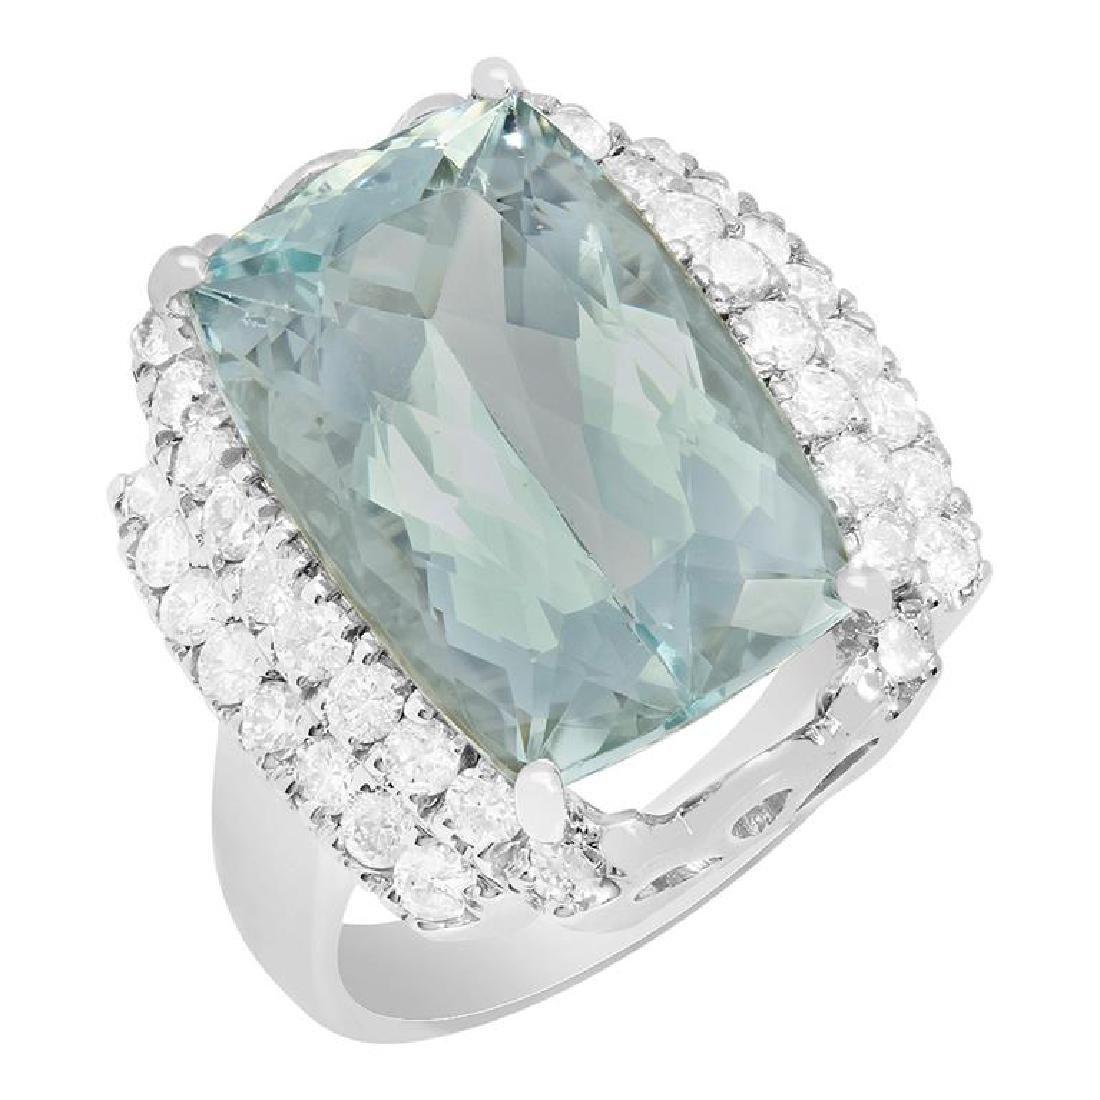 14k White Gold 9.66ct Aquamarine 1.01ct Diamond Ring